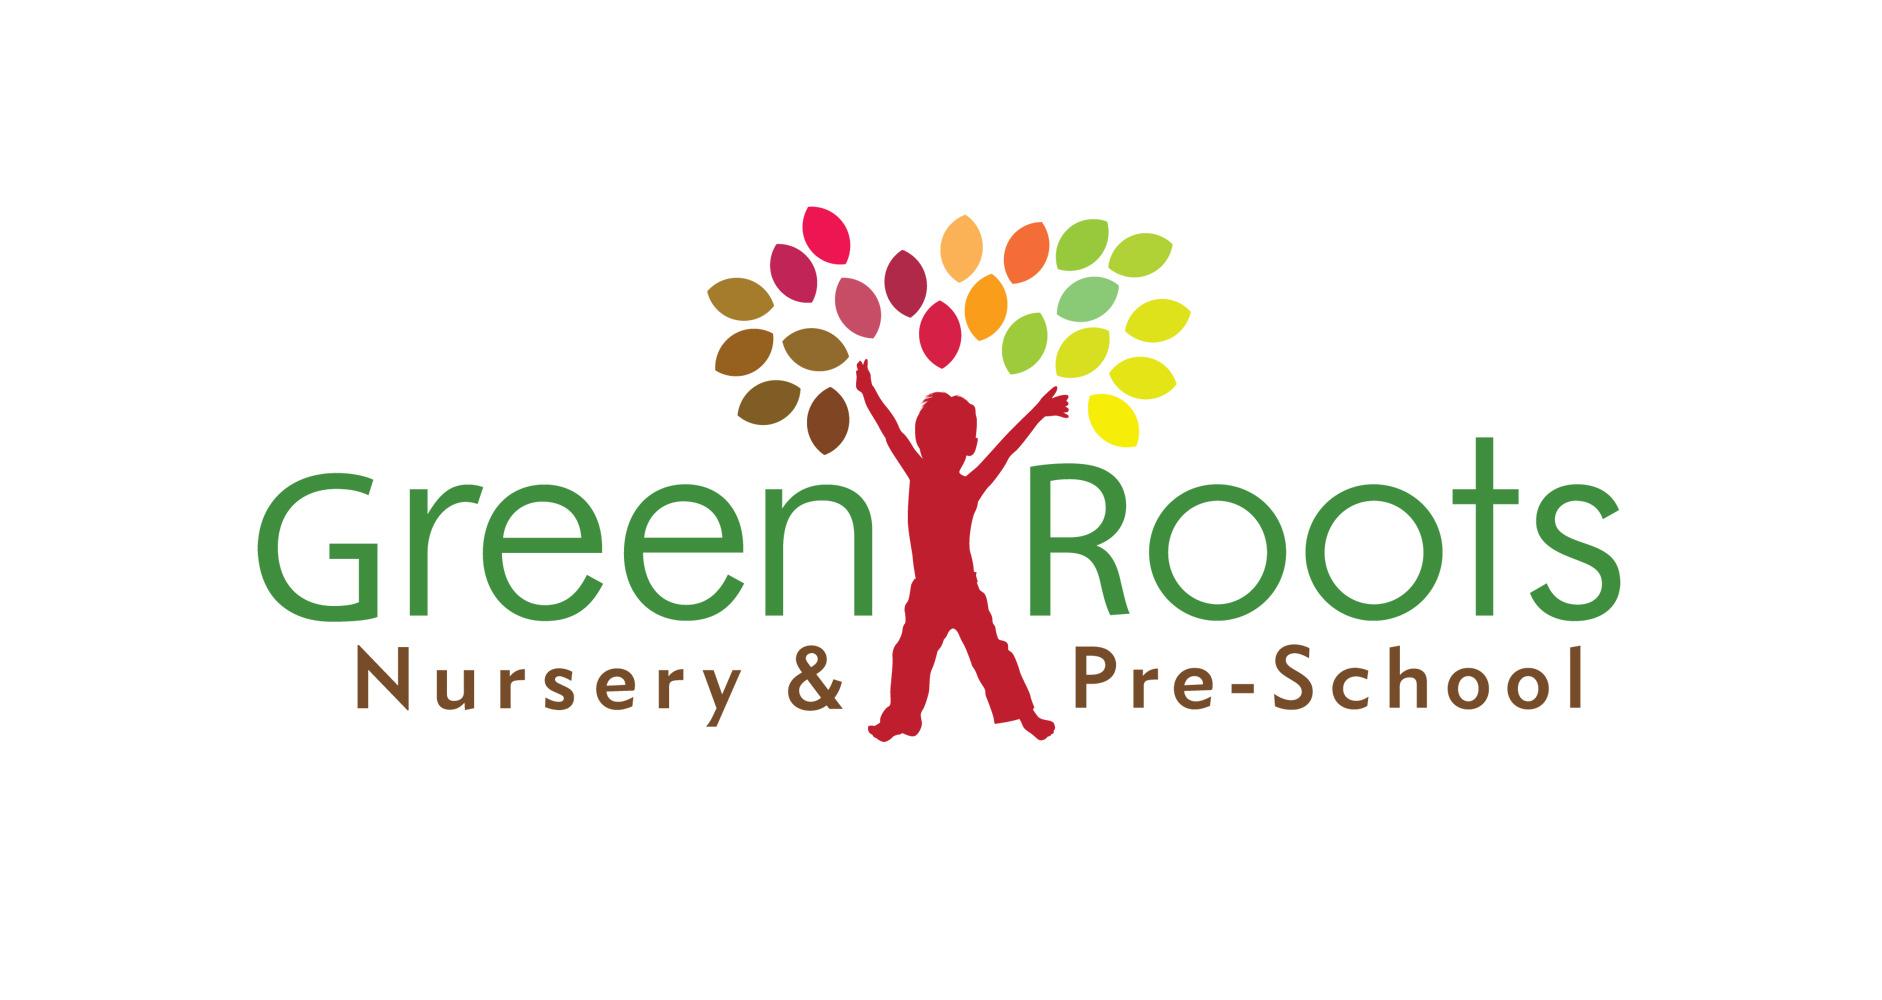 Green Roots Nursery & Pre-School refined logo